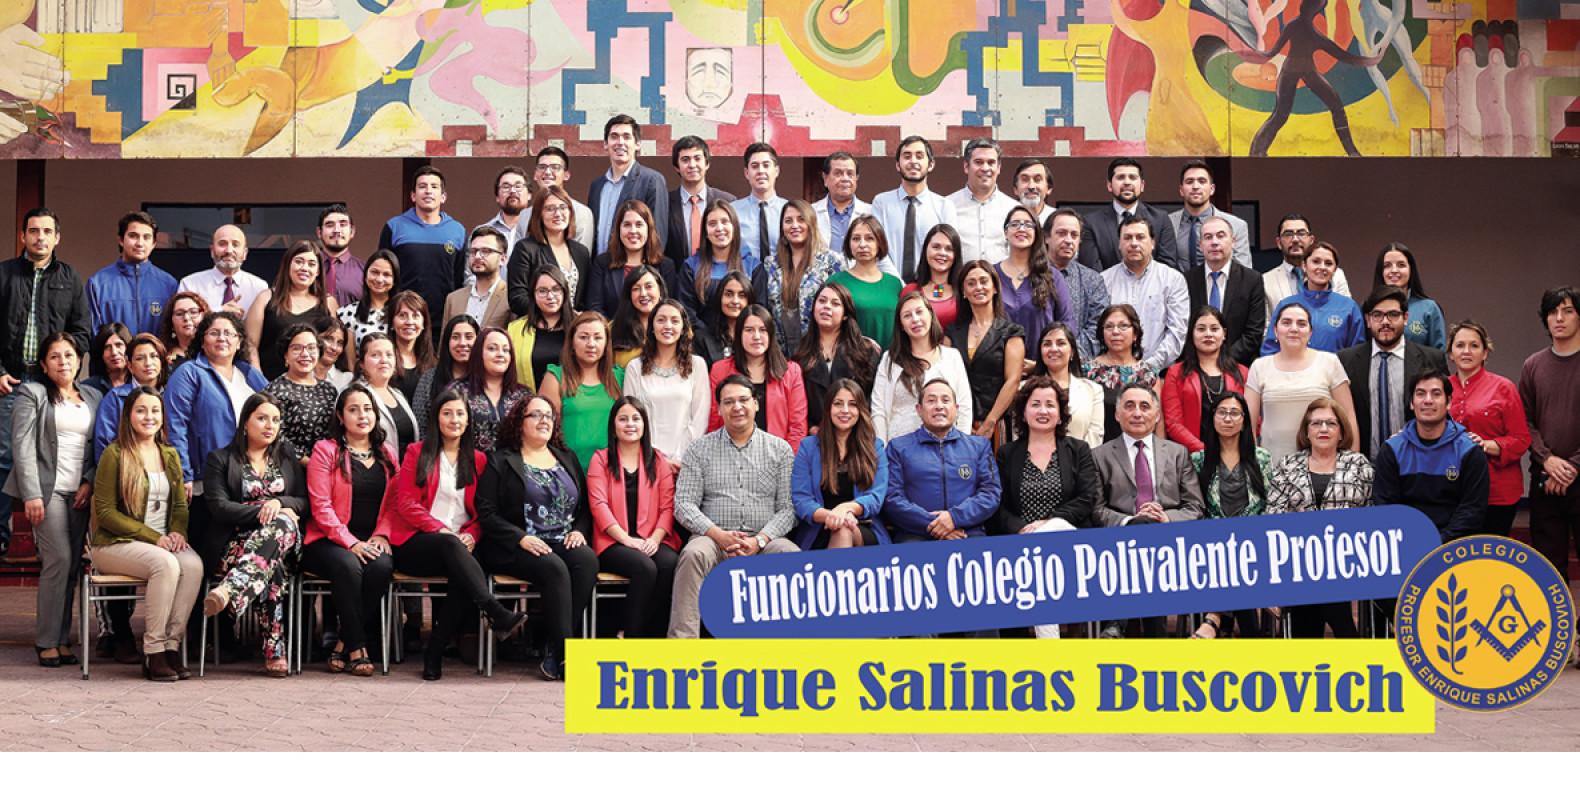 Colegio Enrique Salinas Buscovich